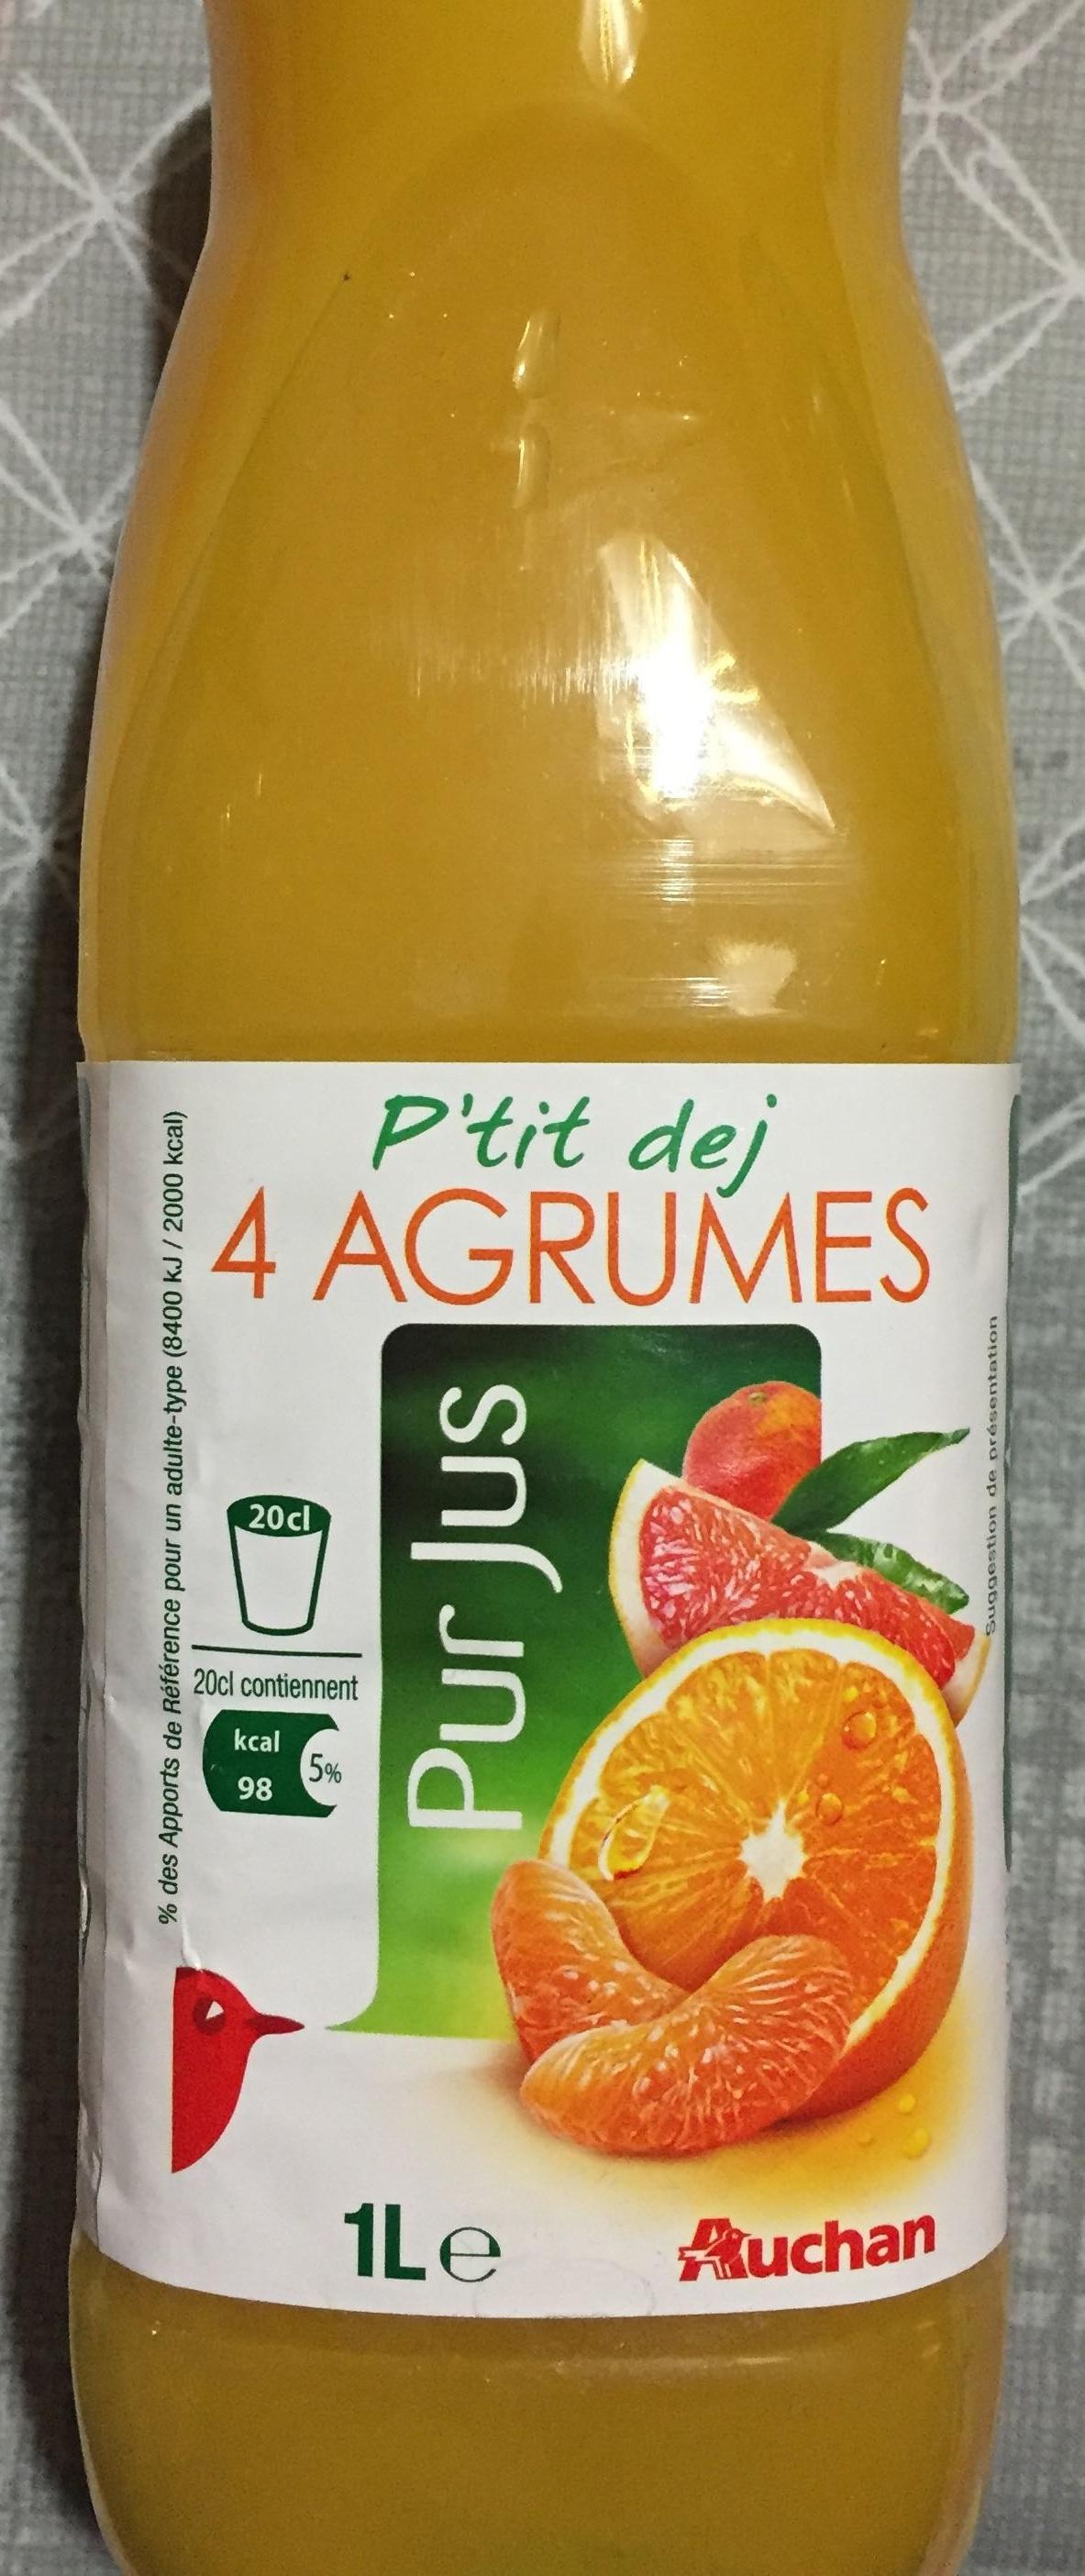 Pur jus 4 agrumes Auchan 1 l